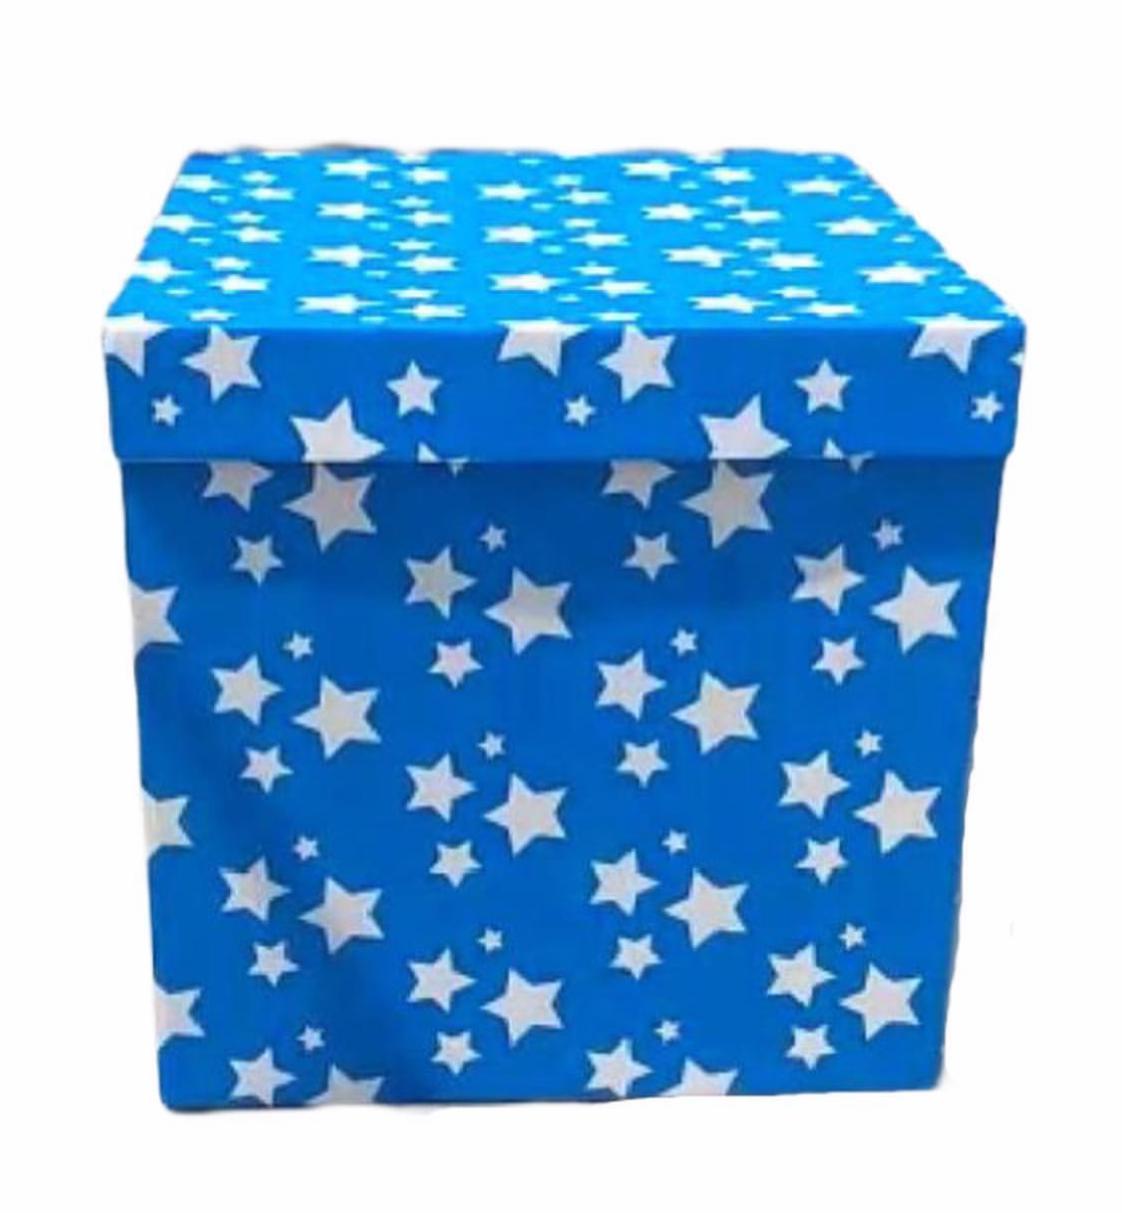 Коробка для воздушных шаров Синяя с белыми звездами ,70*70*70 см.